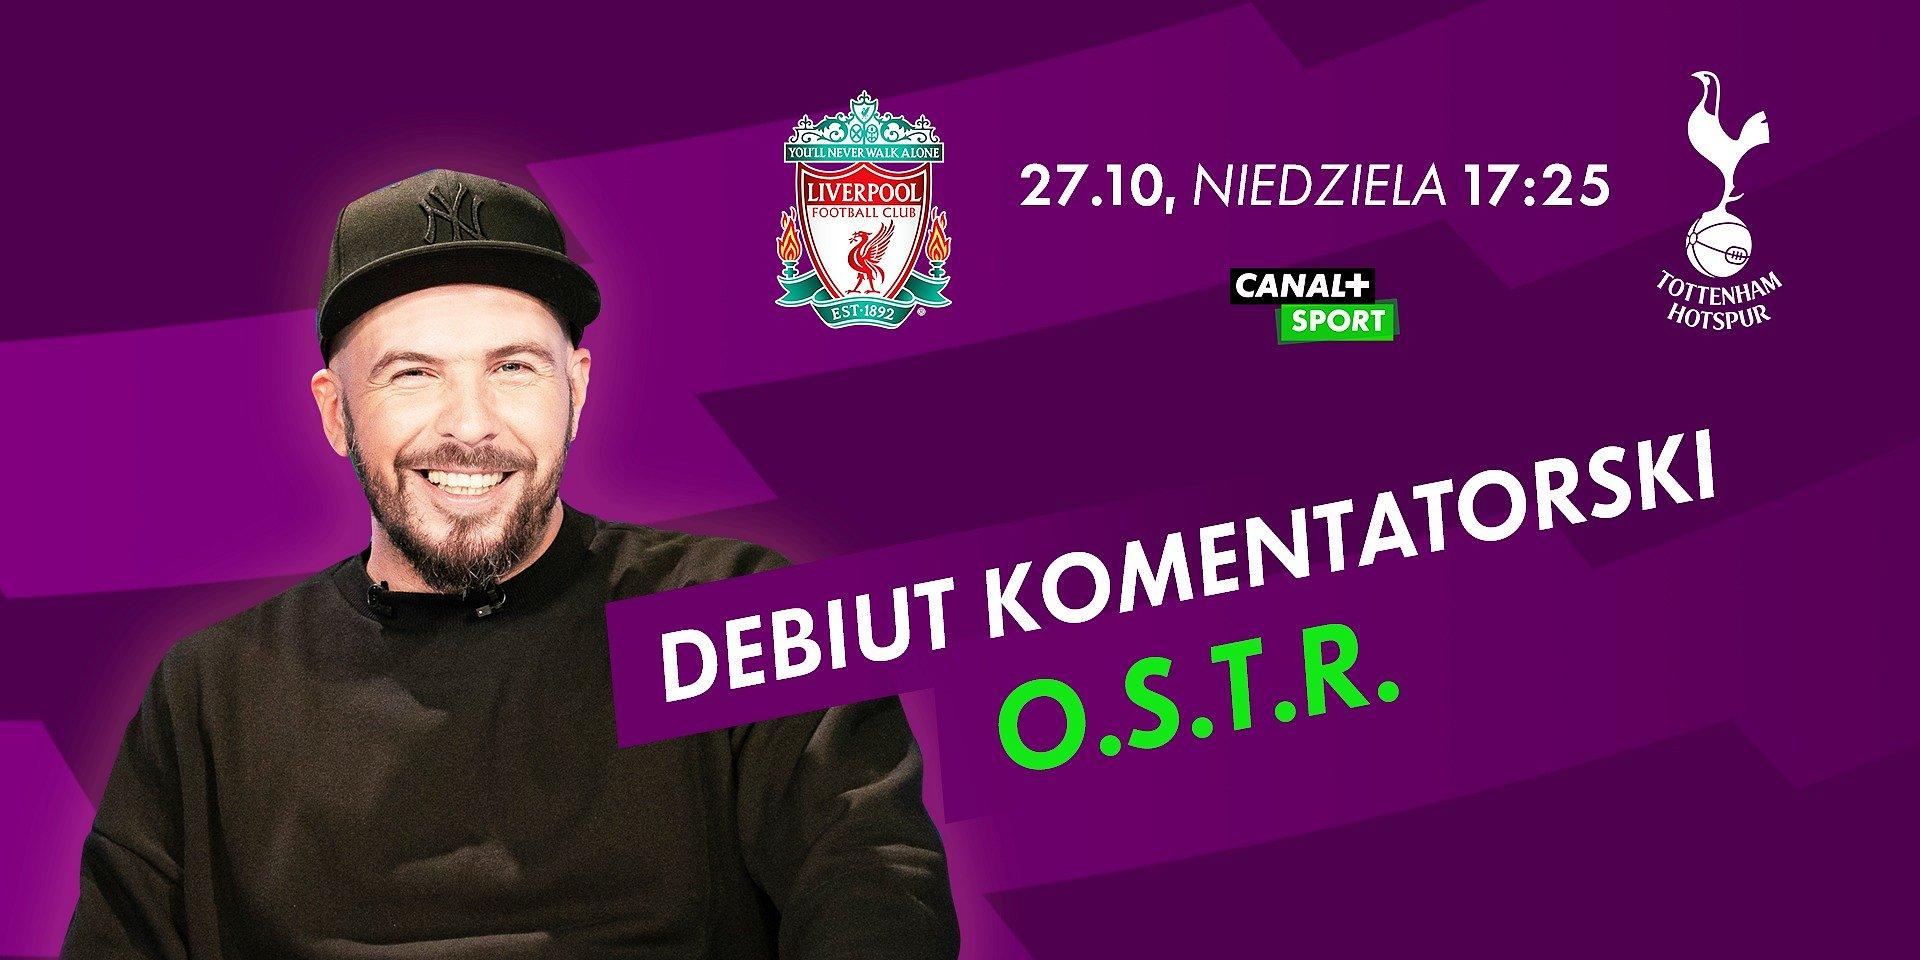 O.S.T.R. w roli komentatora, Lewandowski z szansą na kolejną bramkę i polskie derby dwóch stolic – sportowy weekend w CANAL+